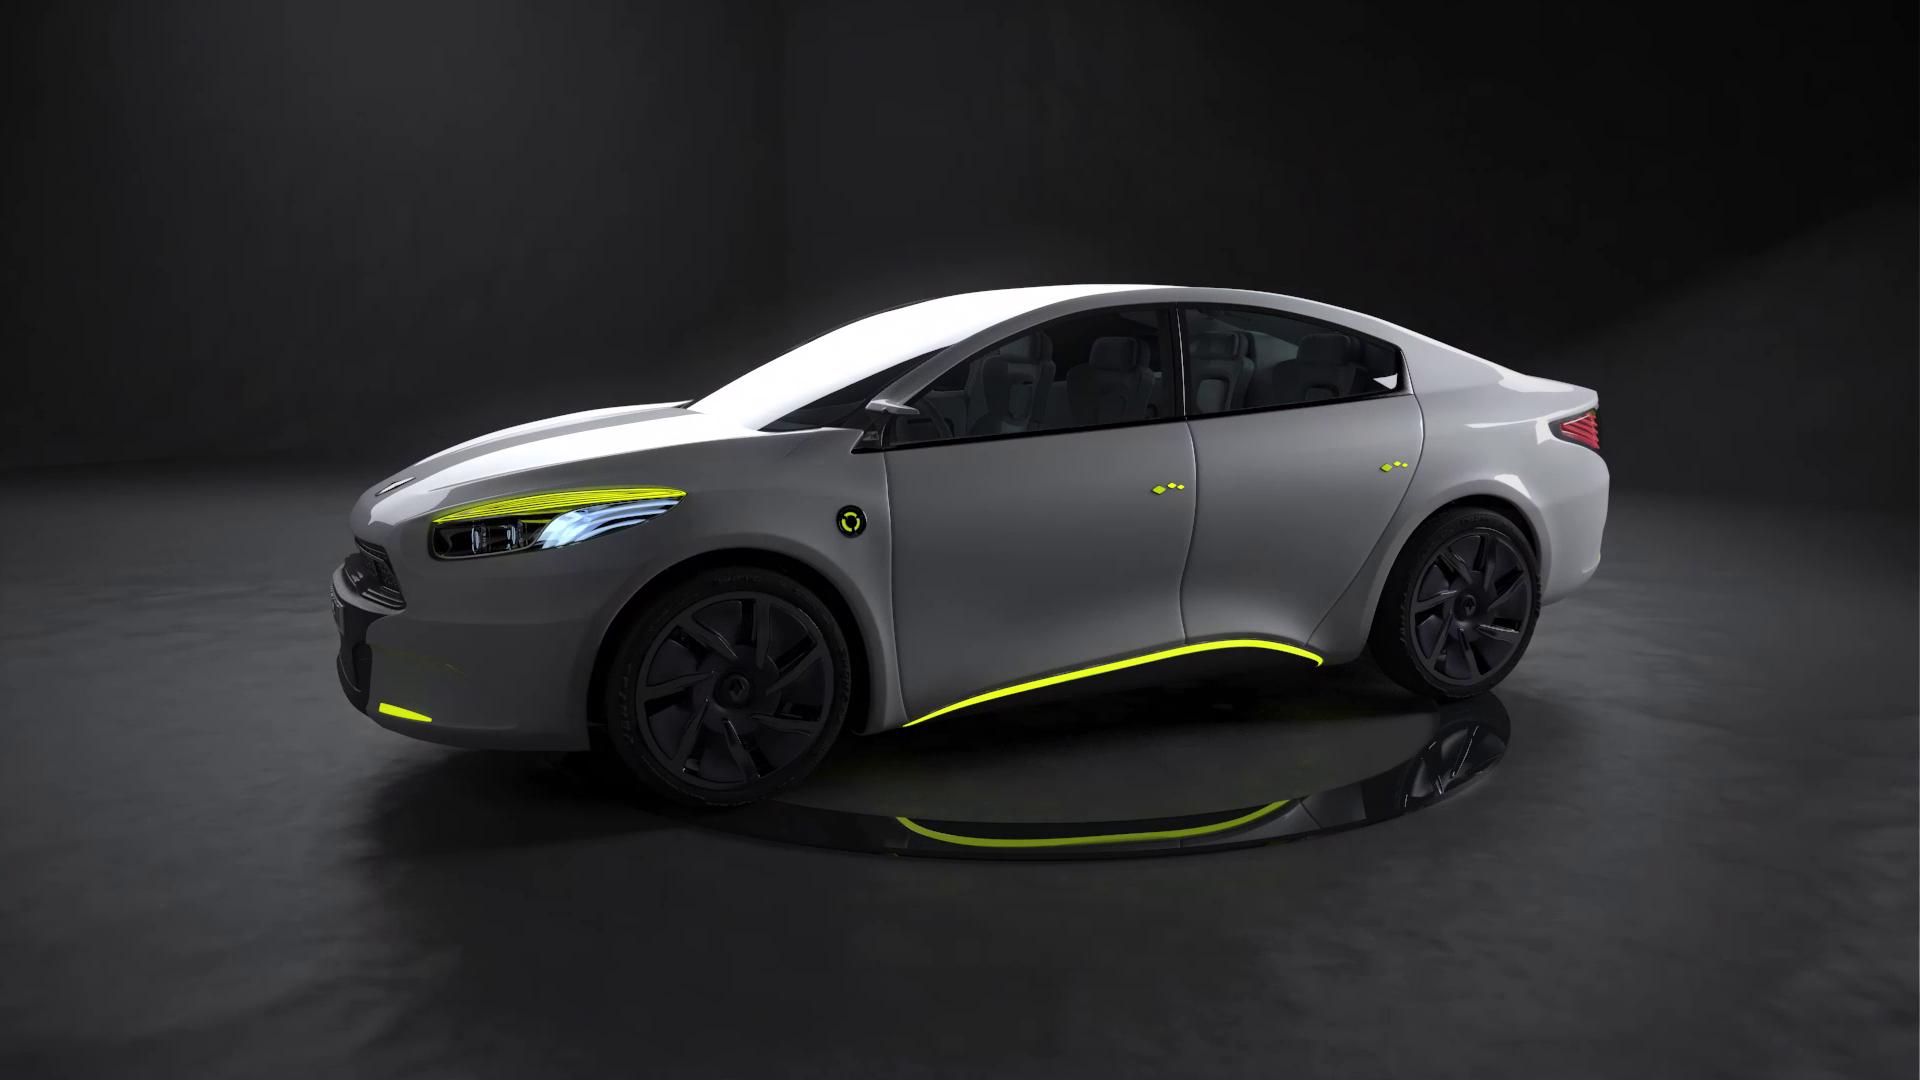 Image de synthèse voiture Renault